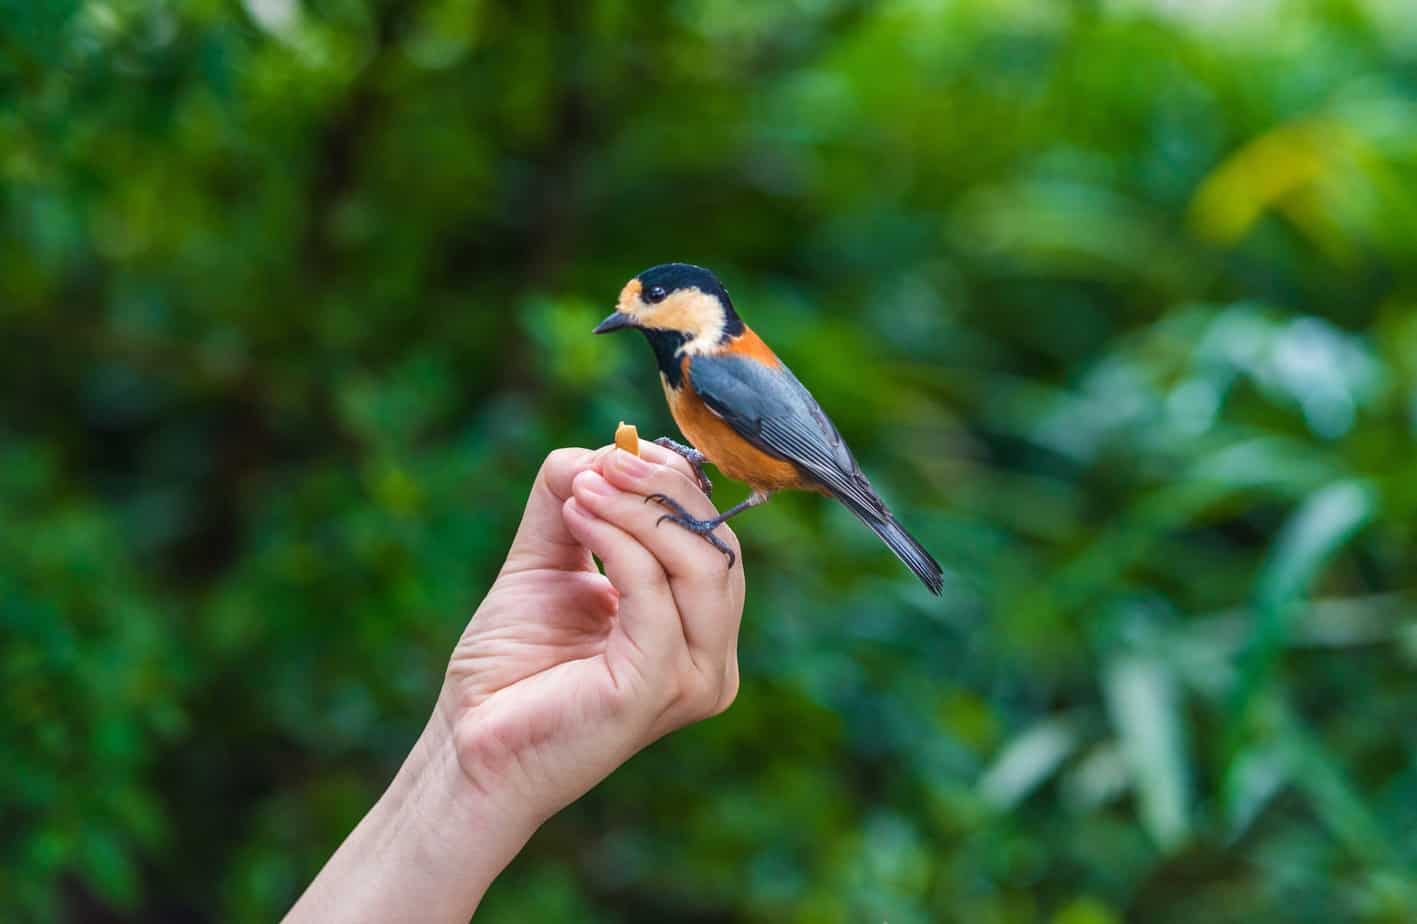 dare da mangiare agli uccelli selvatici e domestici